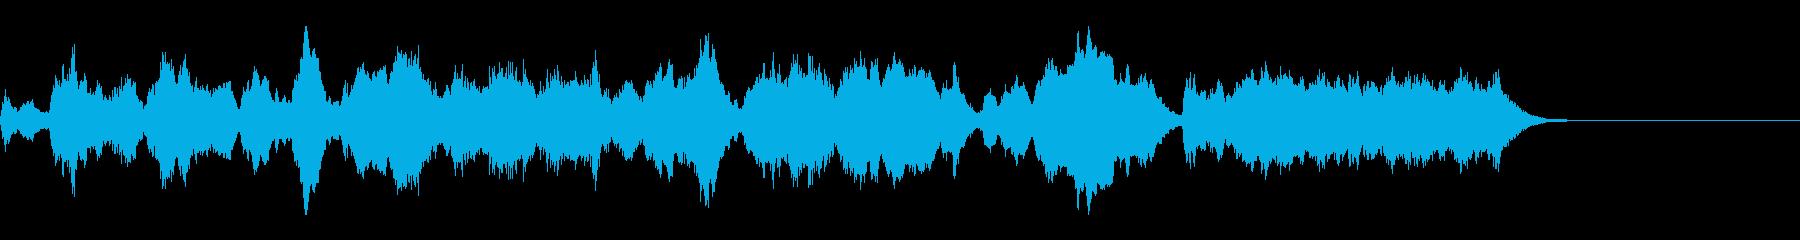 目標を達成し鳴るファンファーレ/ジングルの再生済みの波形